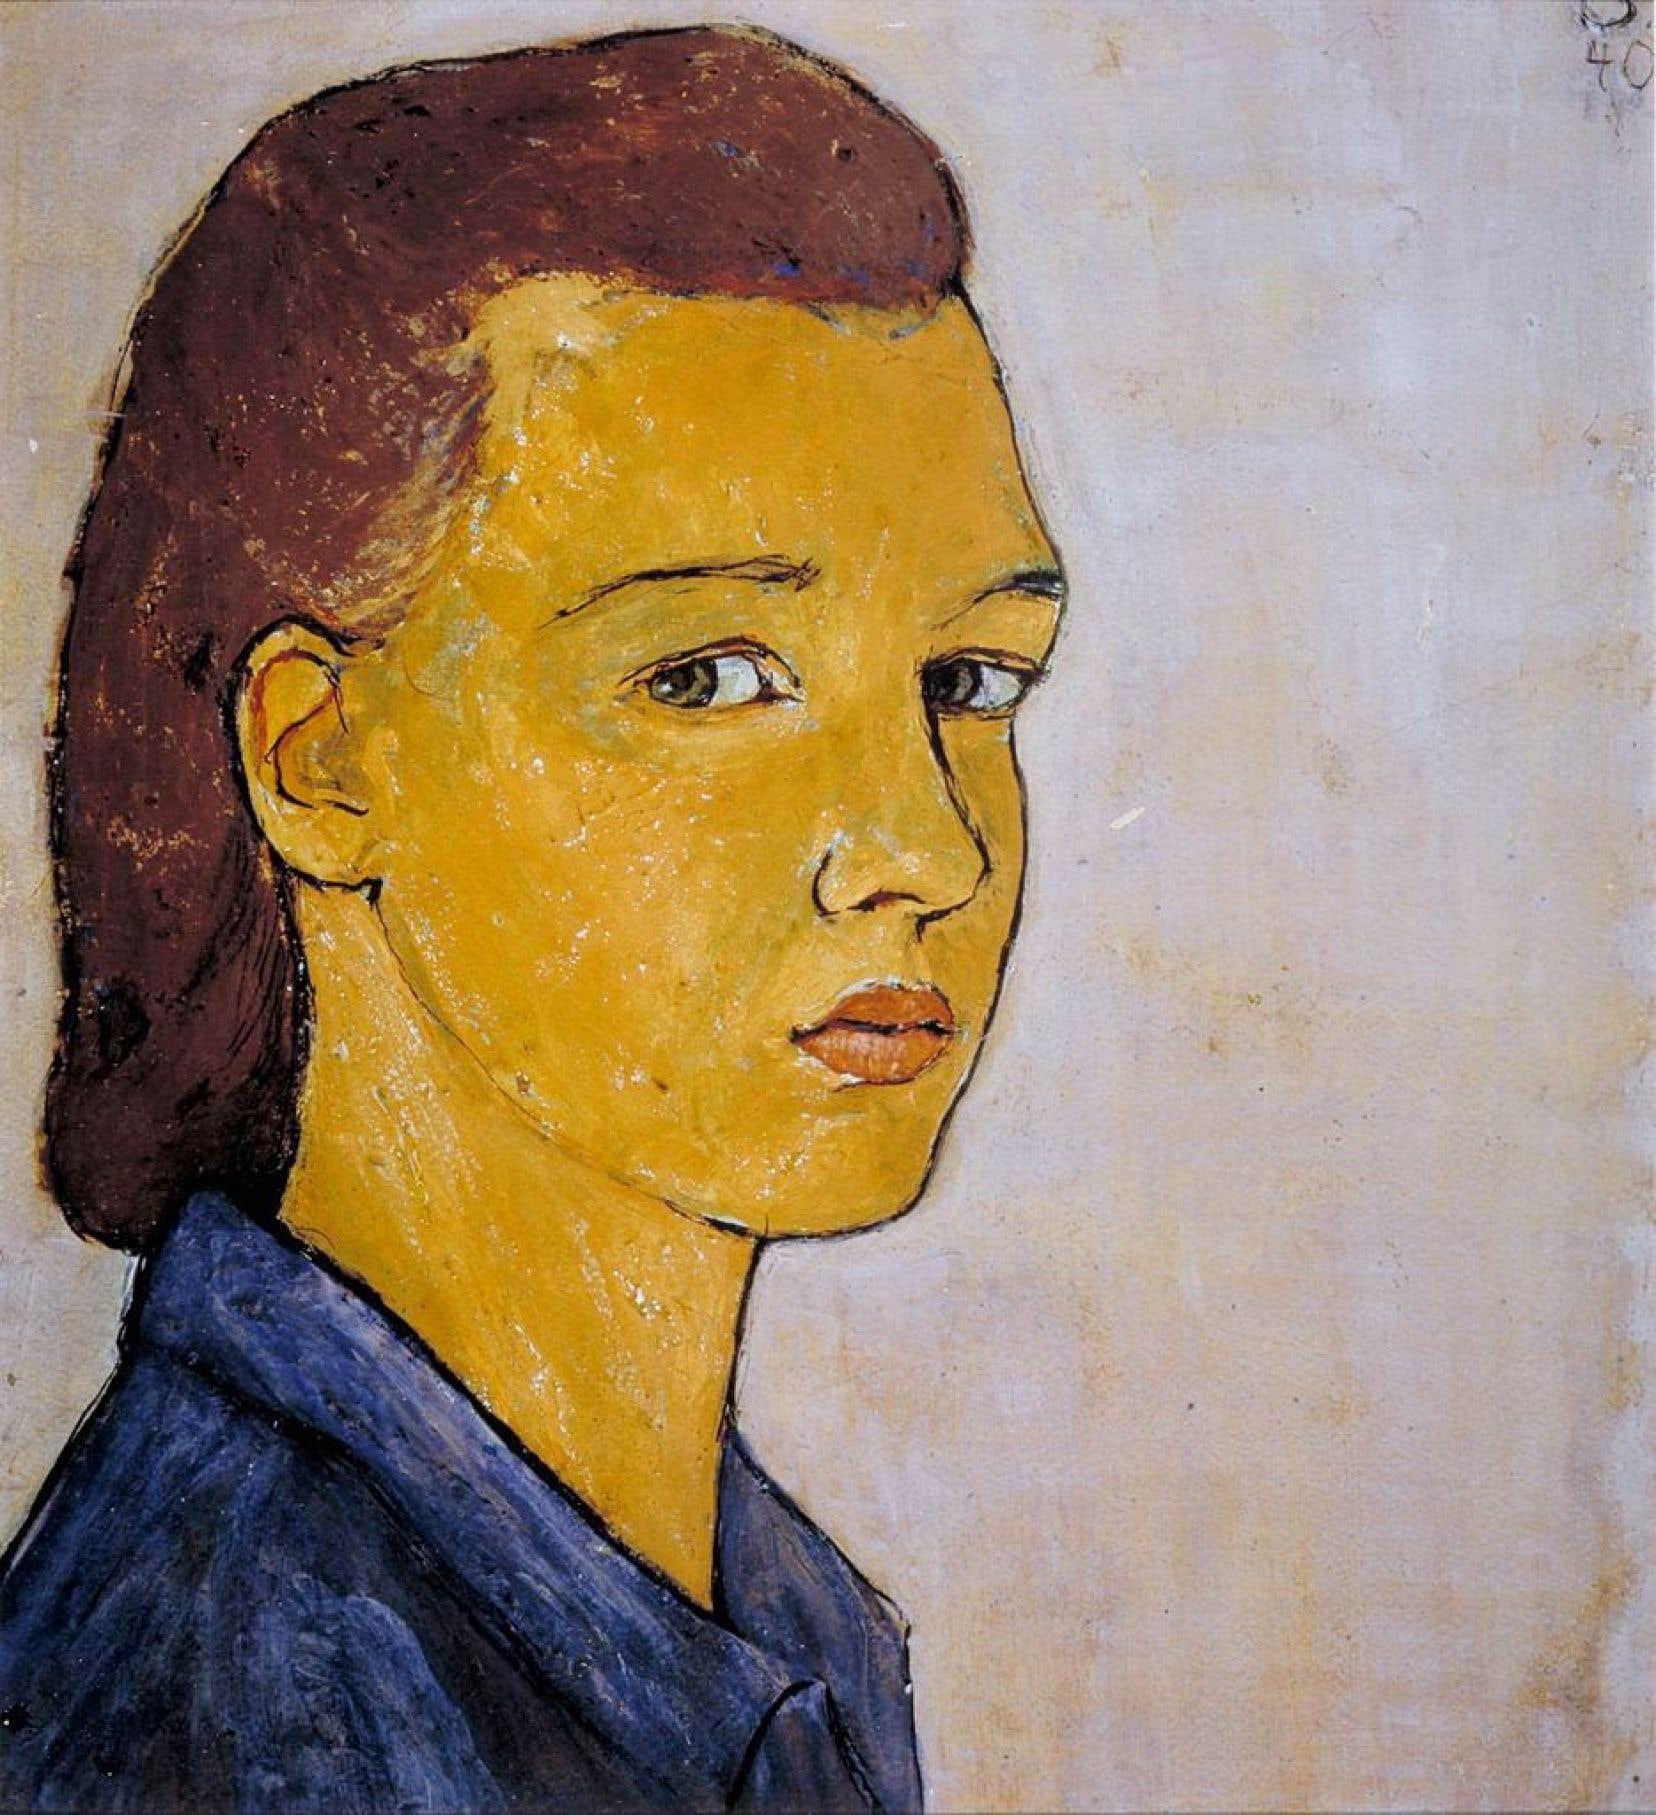 Autoportrait de Charlotte Salomon, daté de 1940